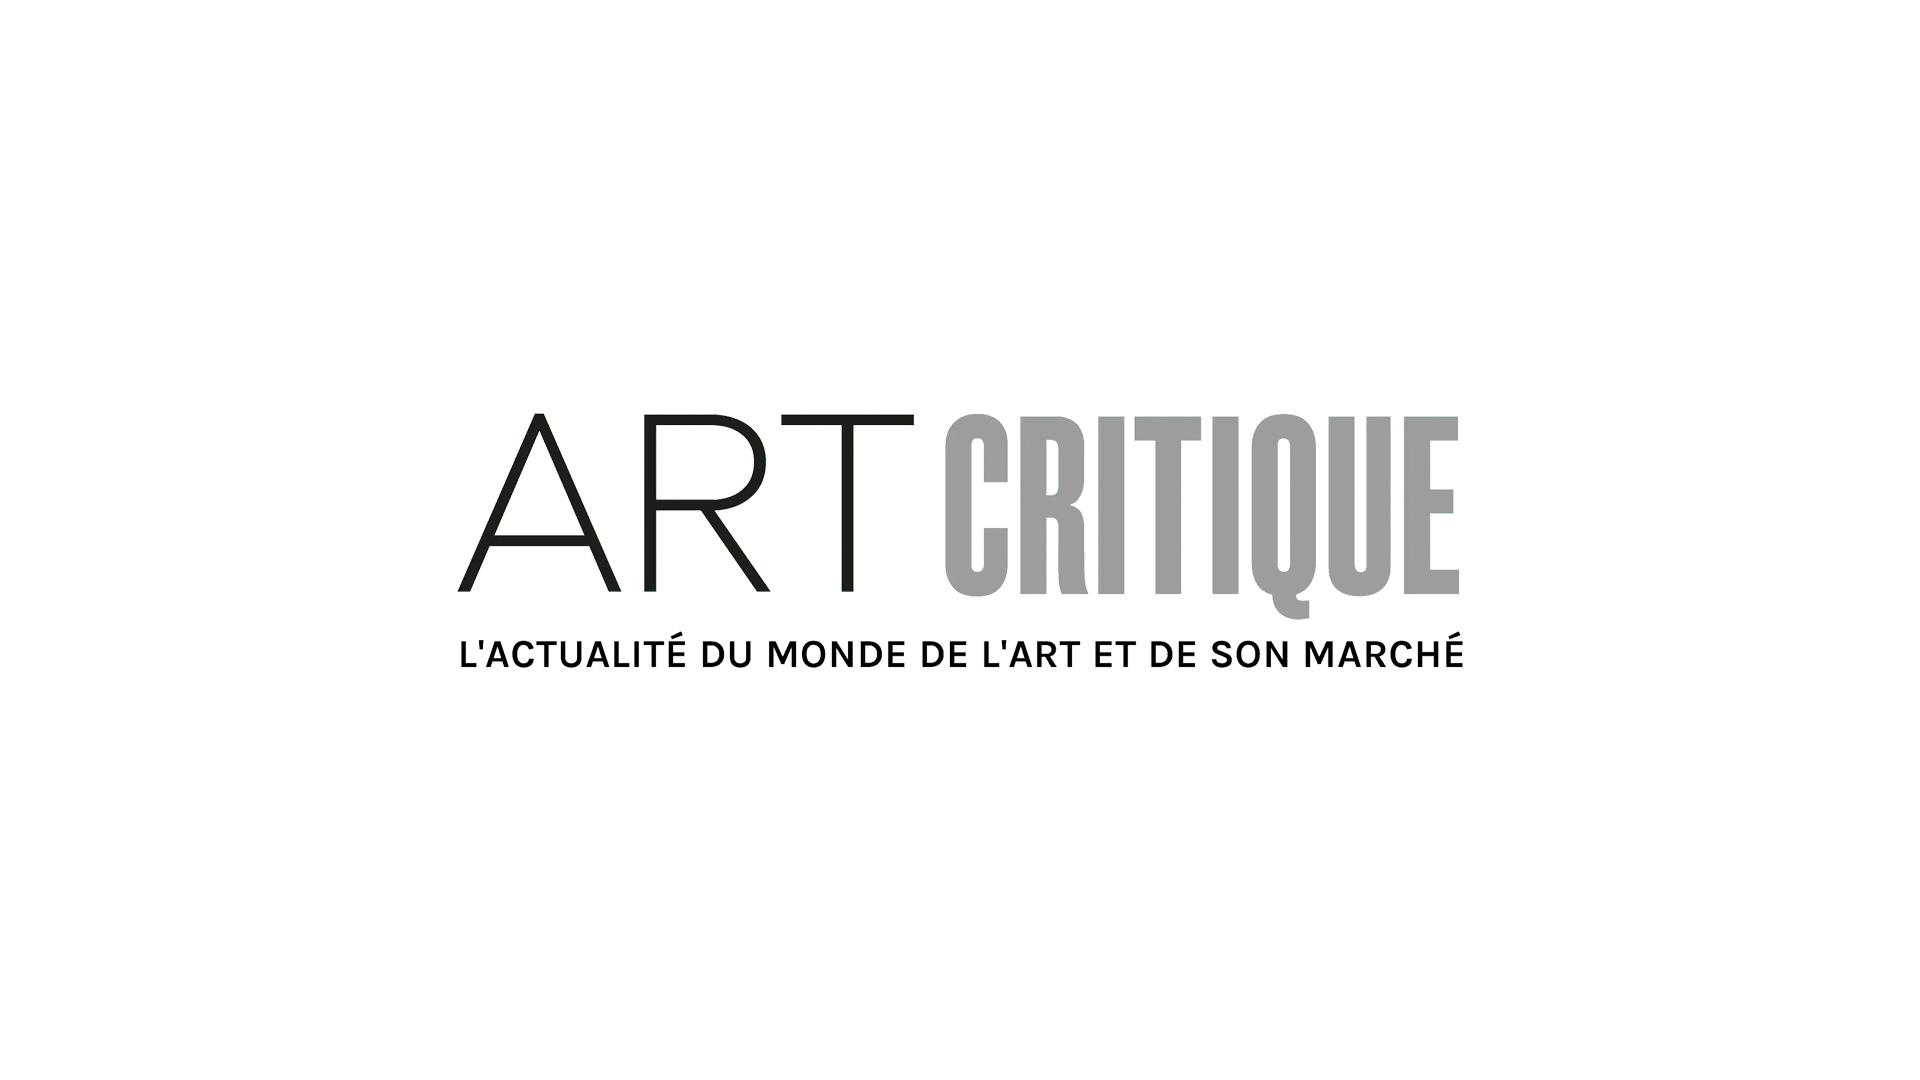 Dmitry Rybolovlev, seller of Leonardo's 'Salvator Mundi', detained in Monaco